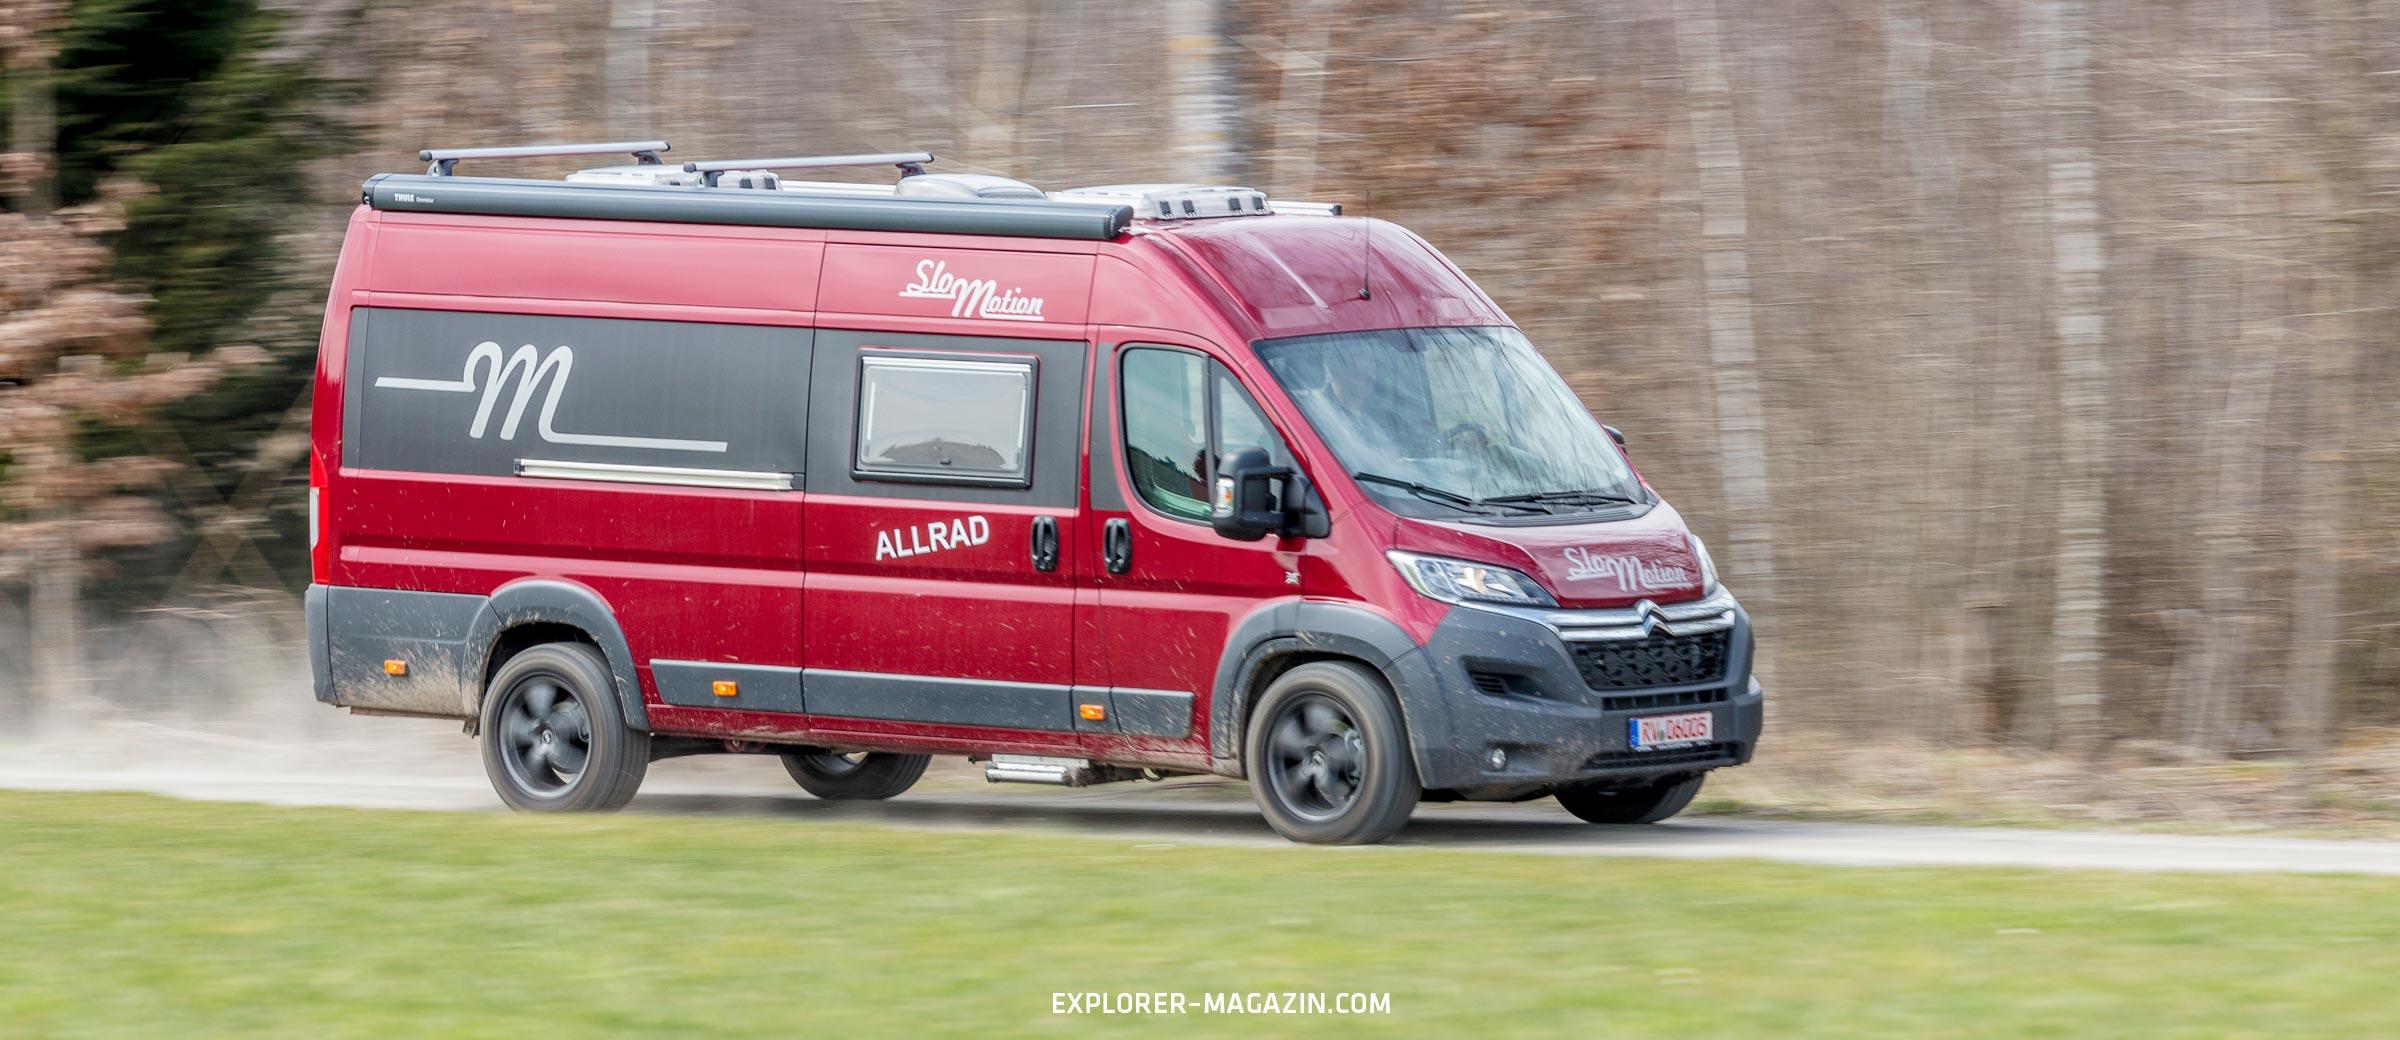 Für Einsteiger Klasse: Citroën Jumper Allrad-Wohnmobil  EXPLORER